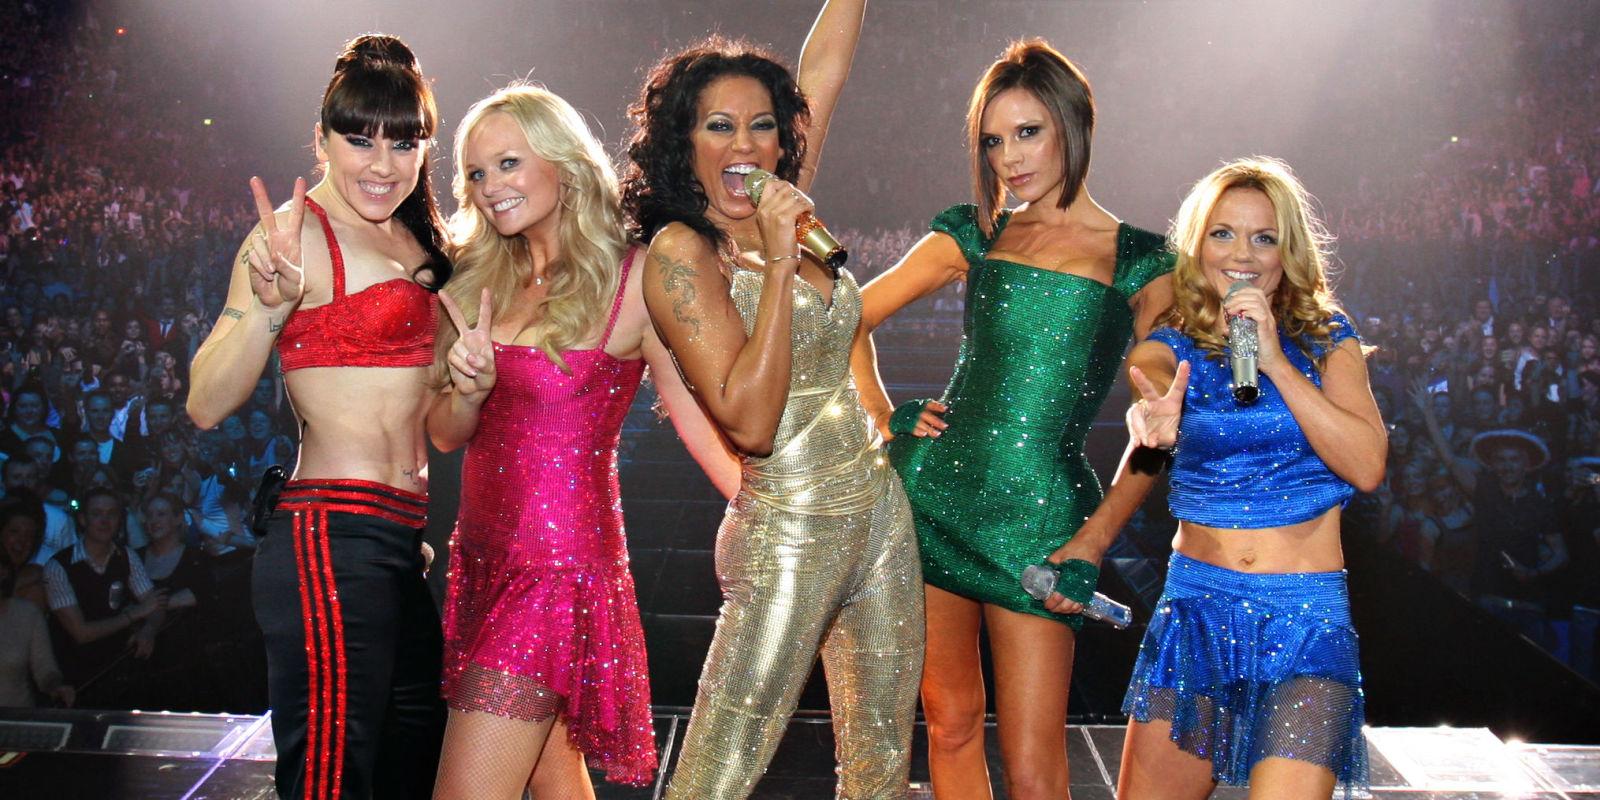 Confirmado: Spice Girls farão turnê em 2018